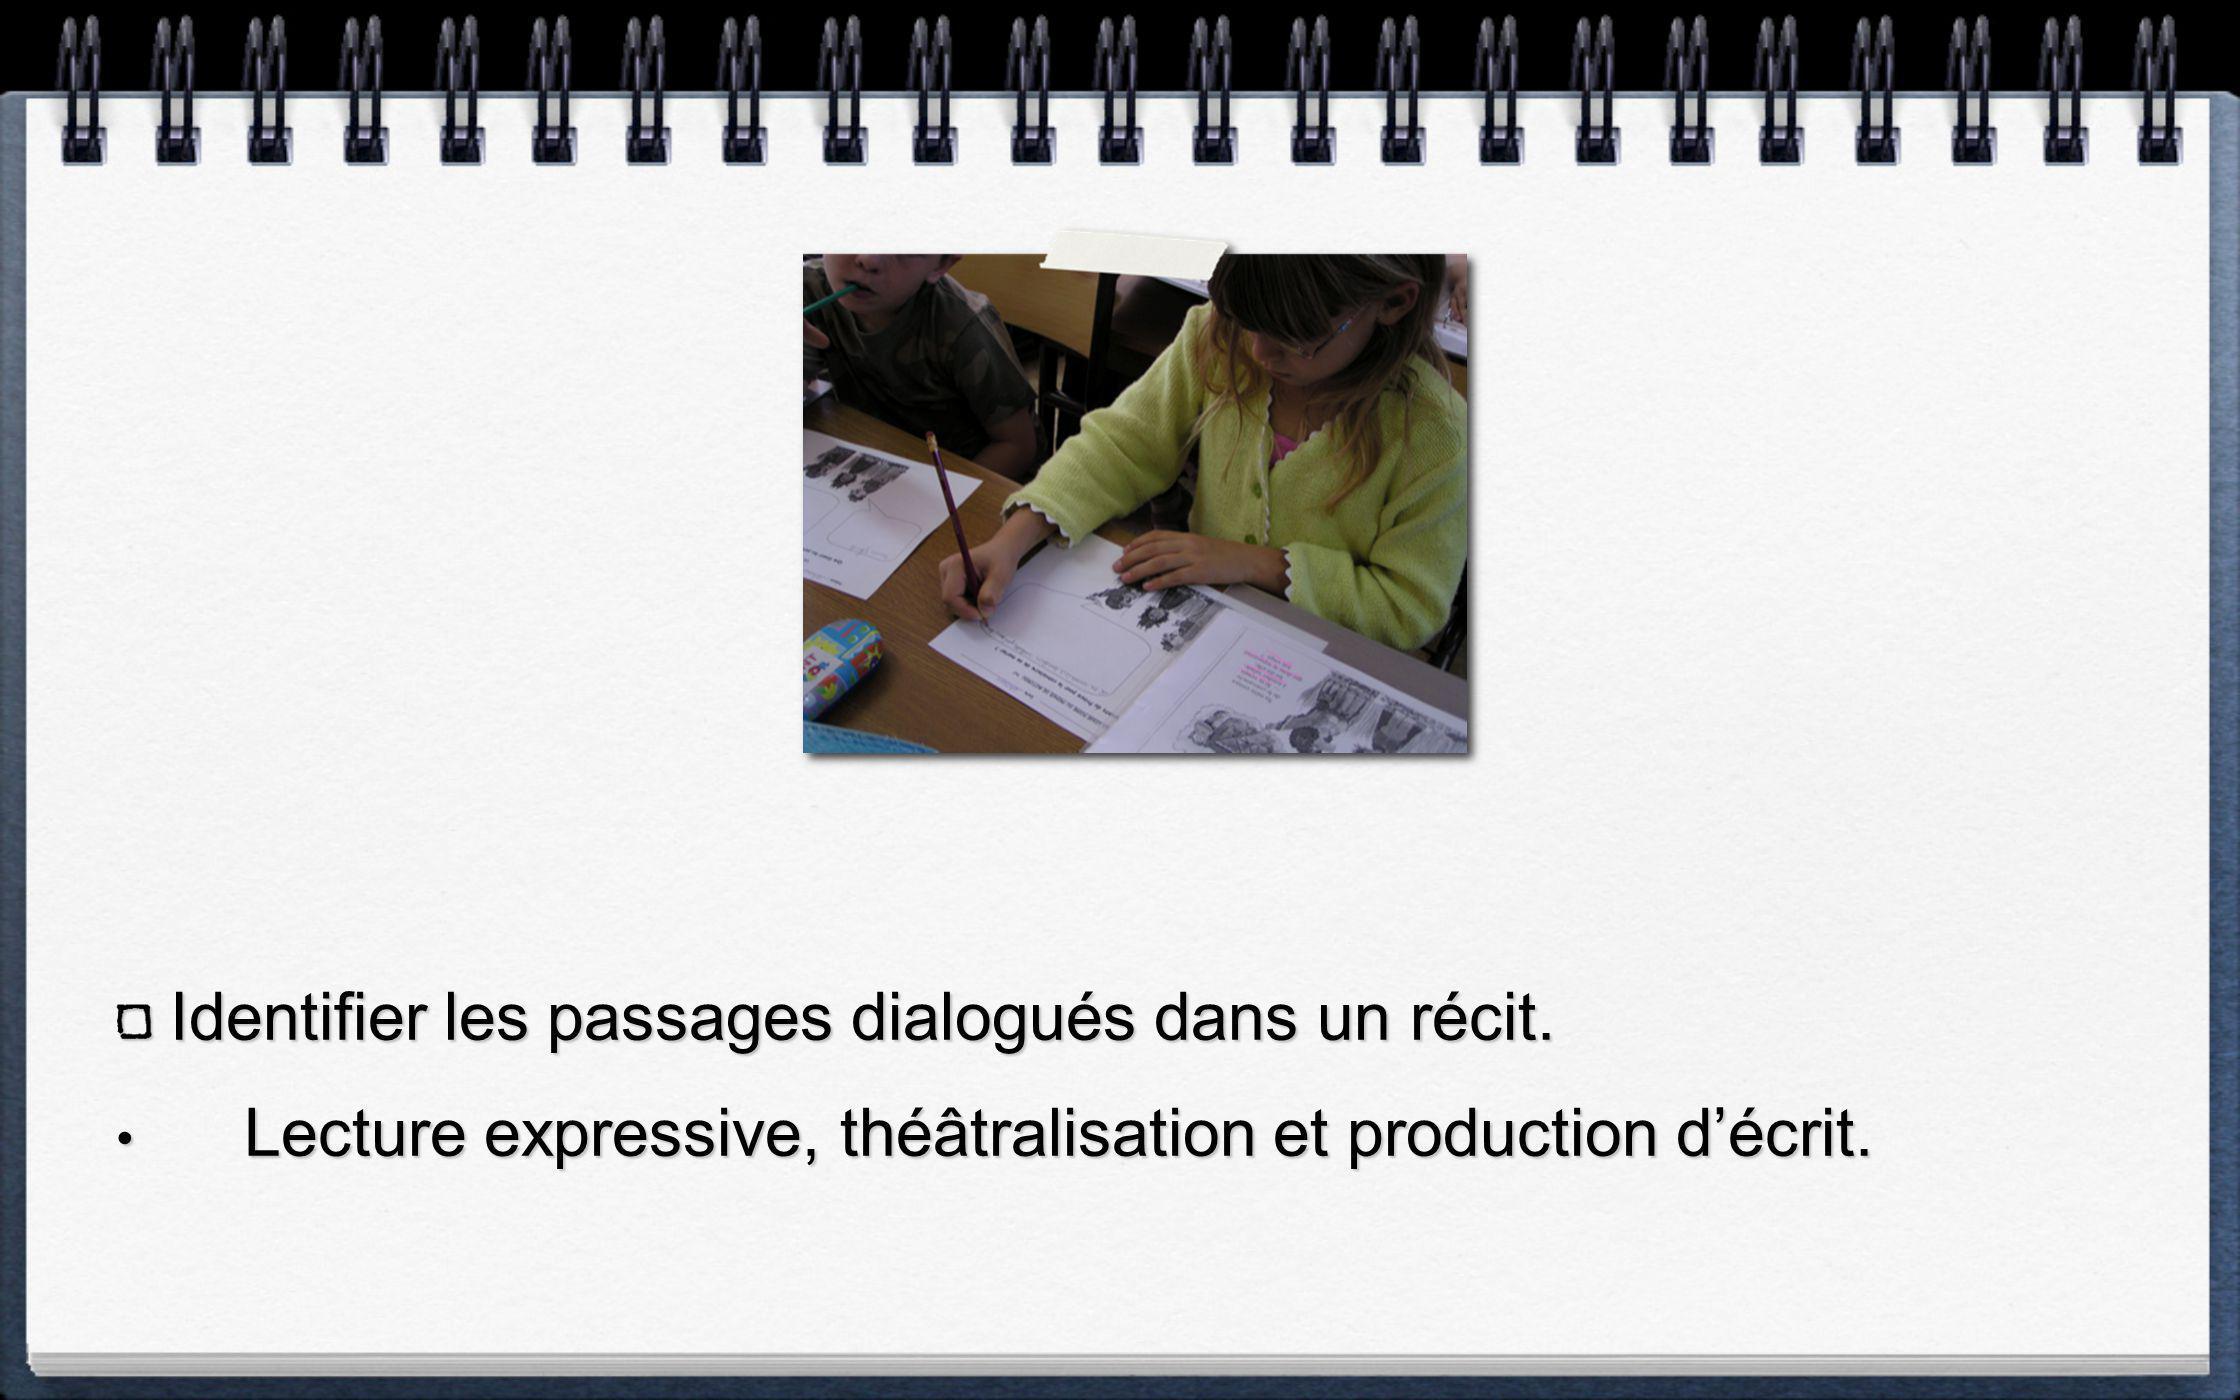 Identifier les passages dialogués dans un récit.